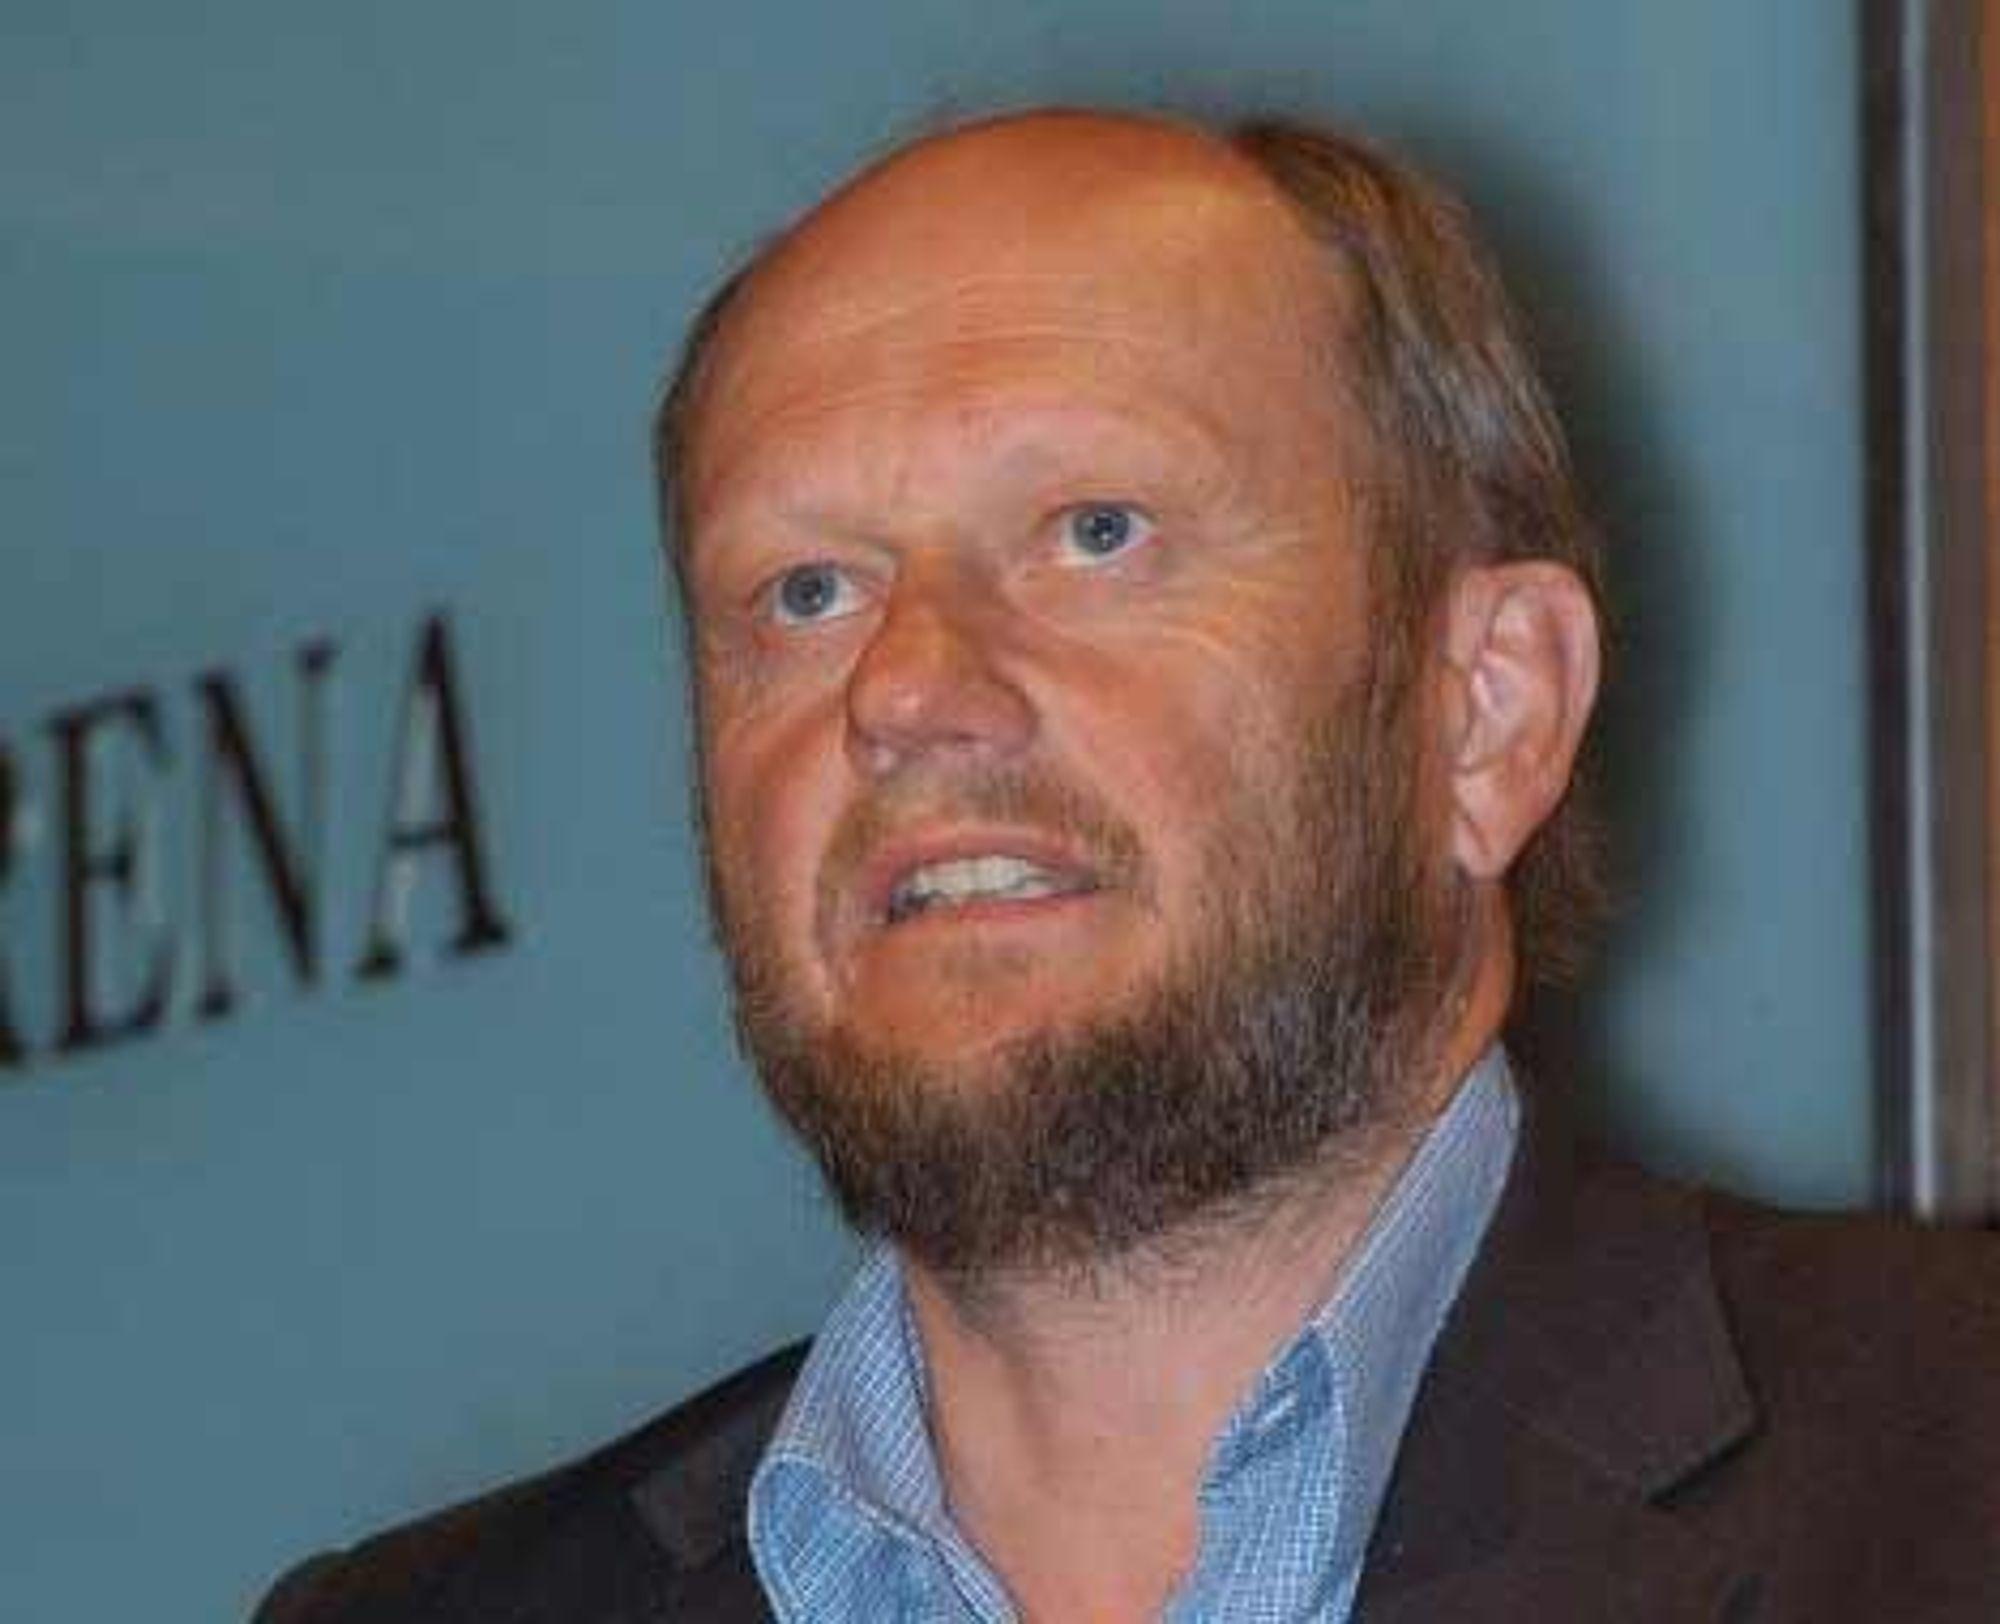 - UAKSEPTABEL SITUASJON: Administrerende direktør Stein-Lier Hansen i Norsk Industri mener prisregimet for kraft i Midt-Norge er uakseptabelt, og advarer mot at skrinleggingen av Tjeldbergodden gir industrien enda mer usikre kår.